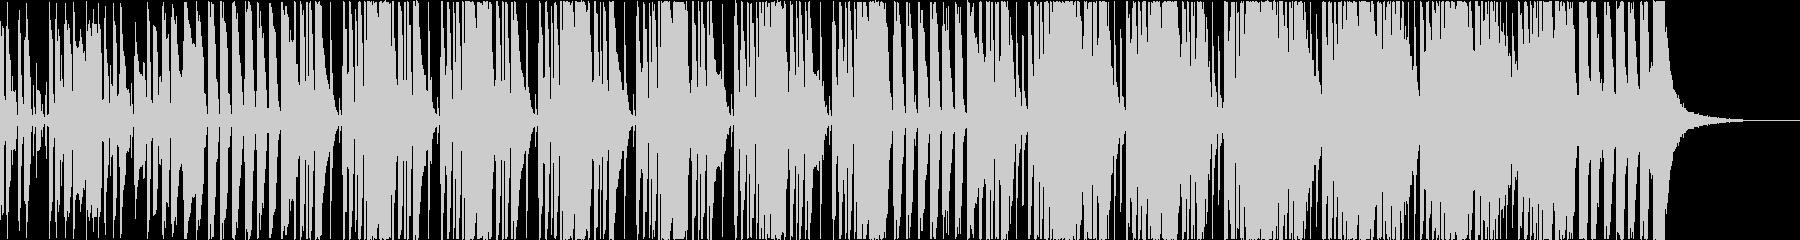 ブラス、スラップベース、ファンクロックの未再生の波形